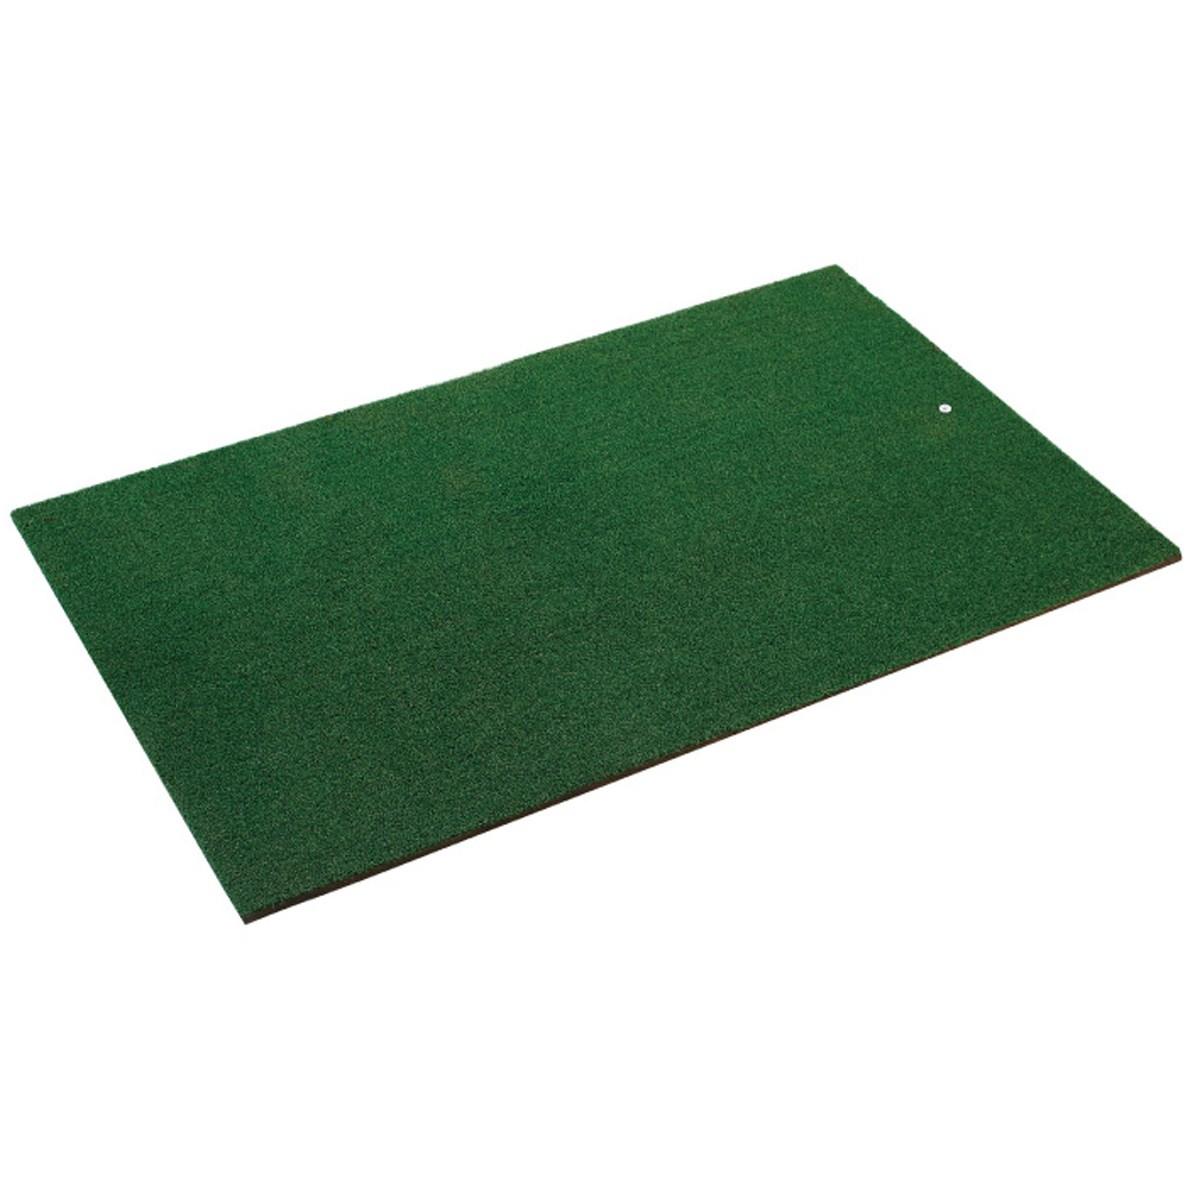 キャロウェイゴルフ Callaway Golf ヒッティングマット 070021500061